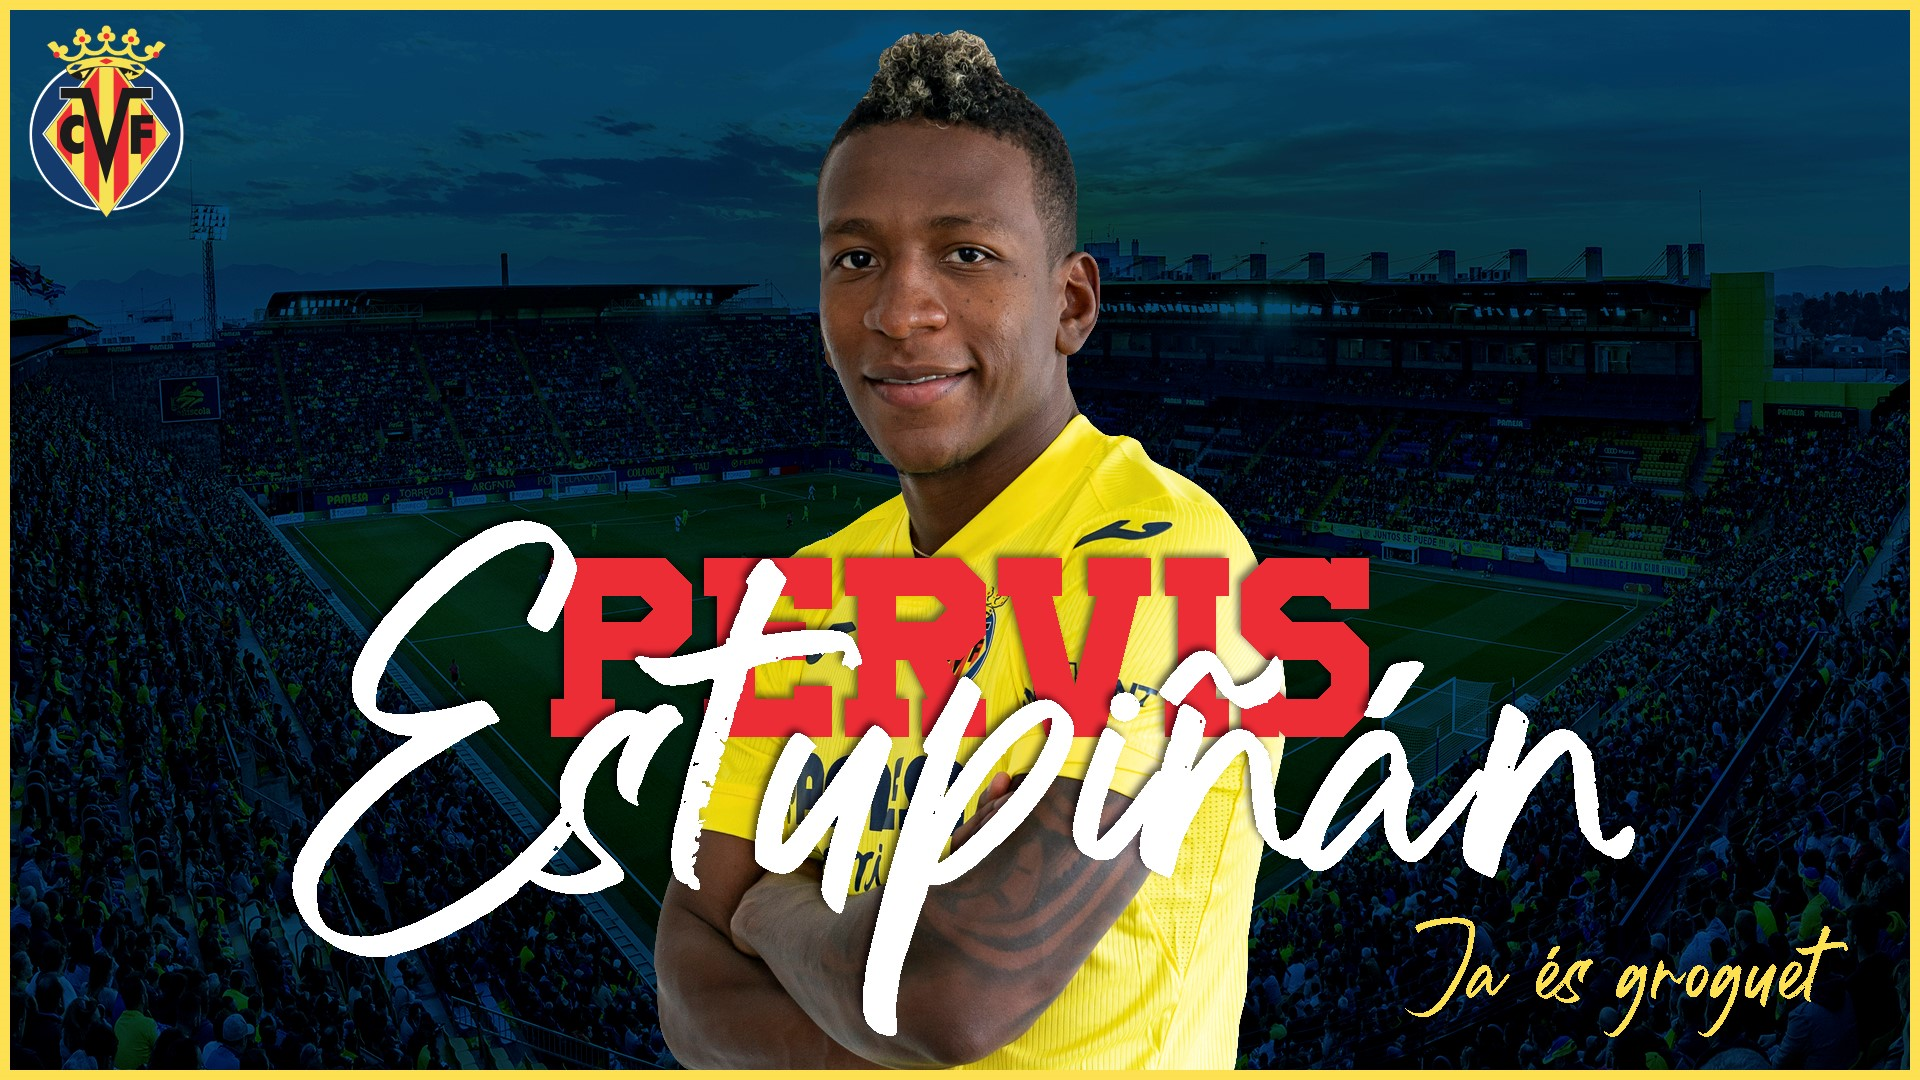 El defensor ecuatoriano firmó por siete temporadas